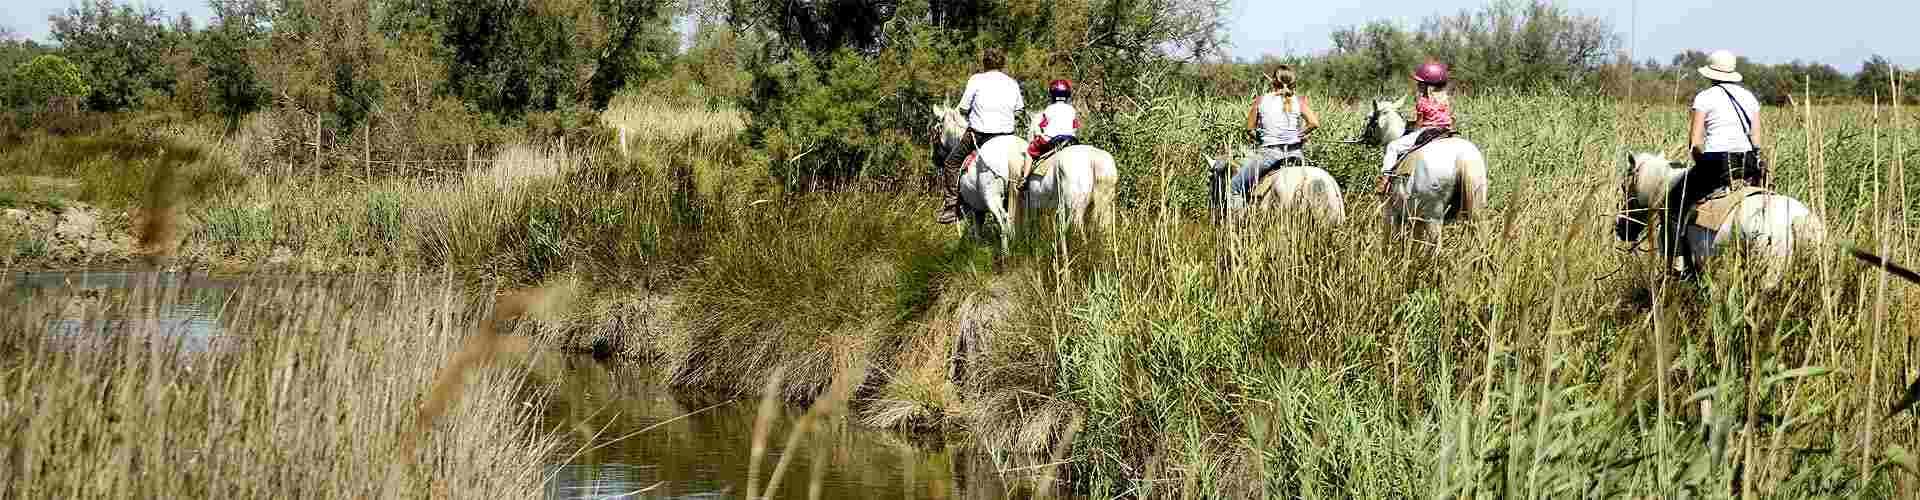 rutas en caballo en centrosdeportes de Burgos